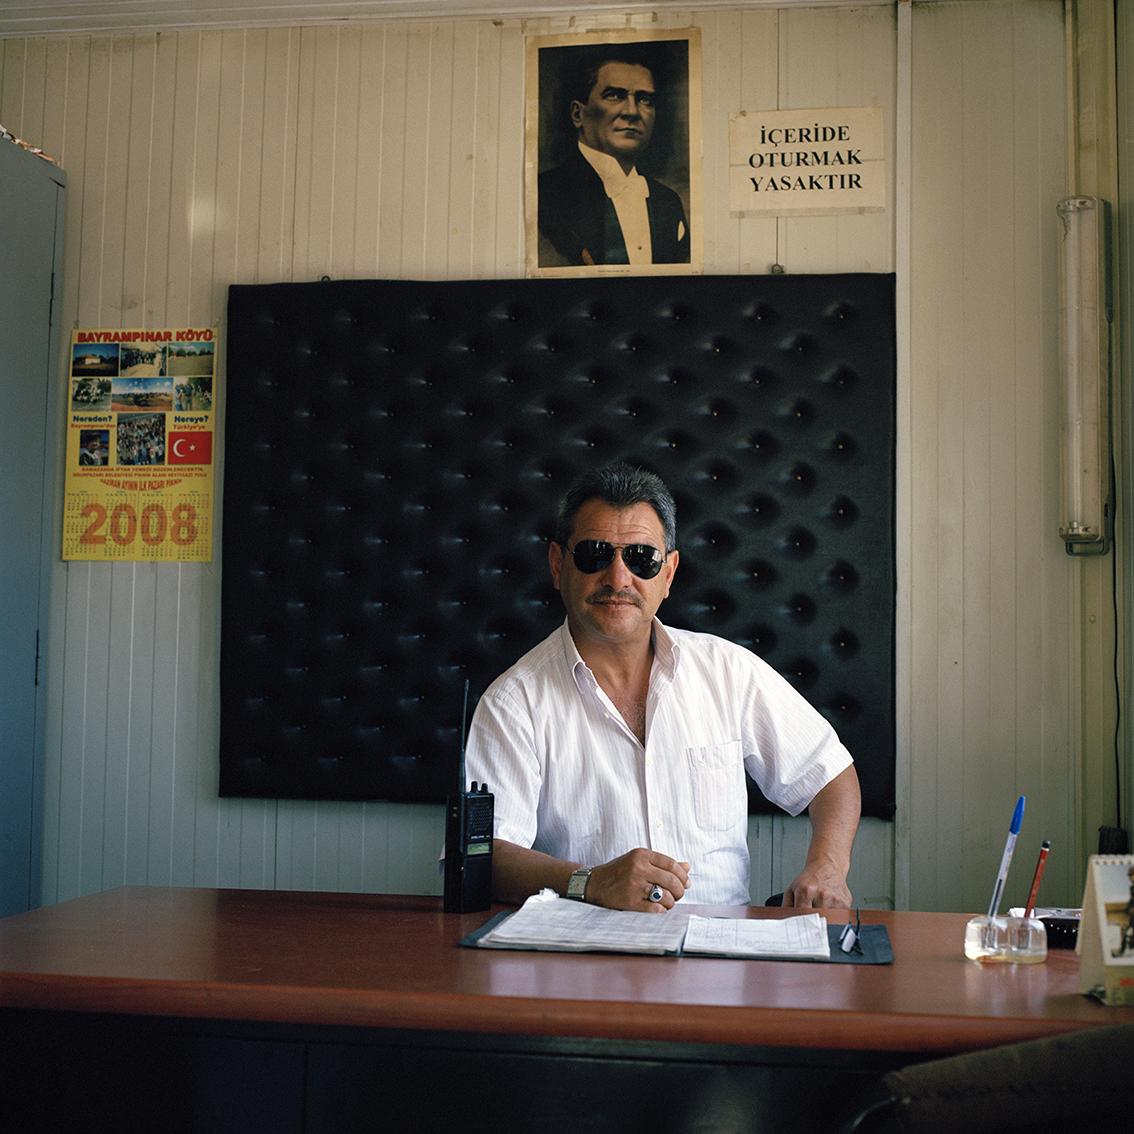 Security guard in Eskisehir, Turkey